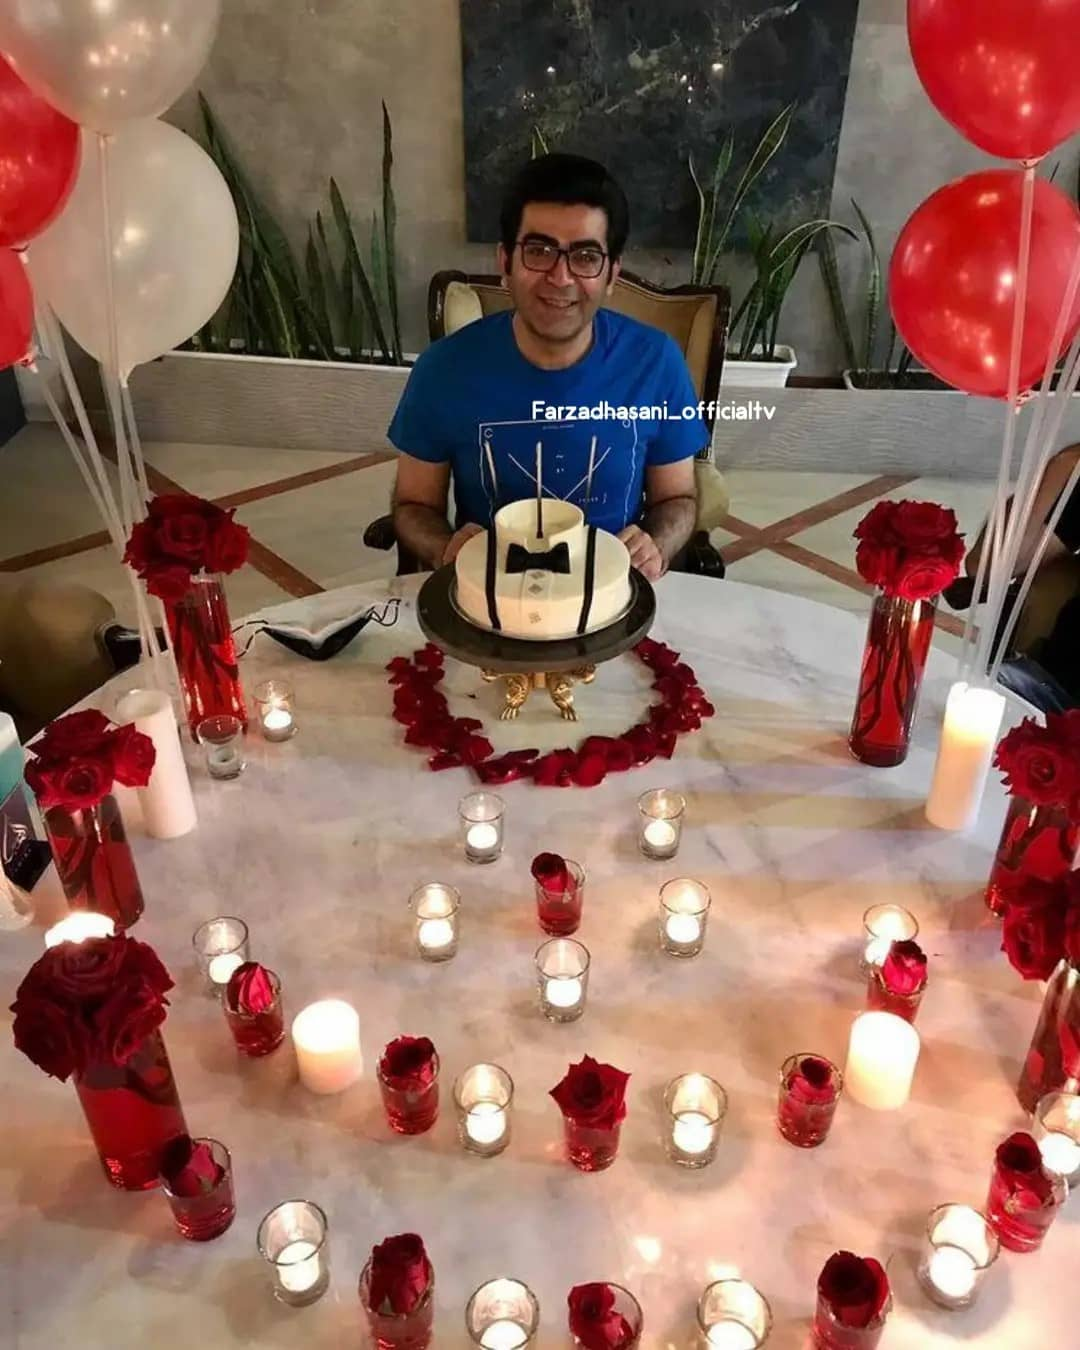 عاشقانههای فرزاد حسنی در تولد 44 سالگی